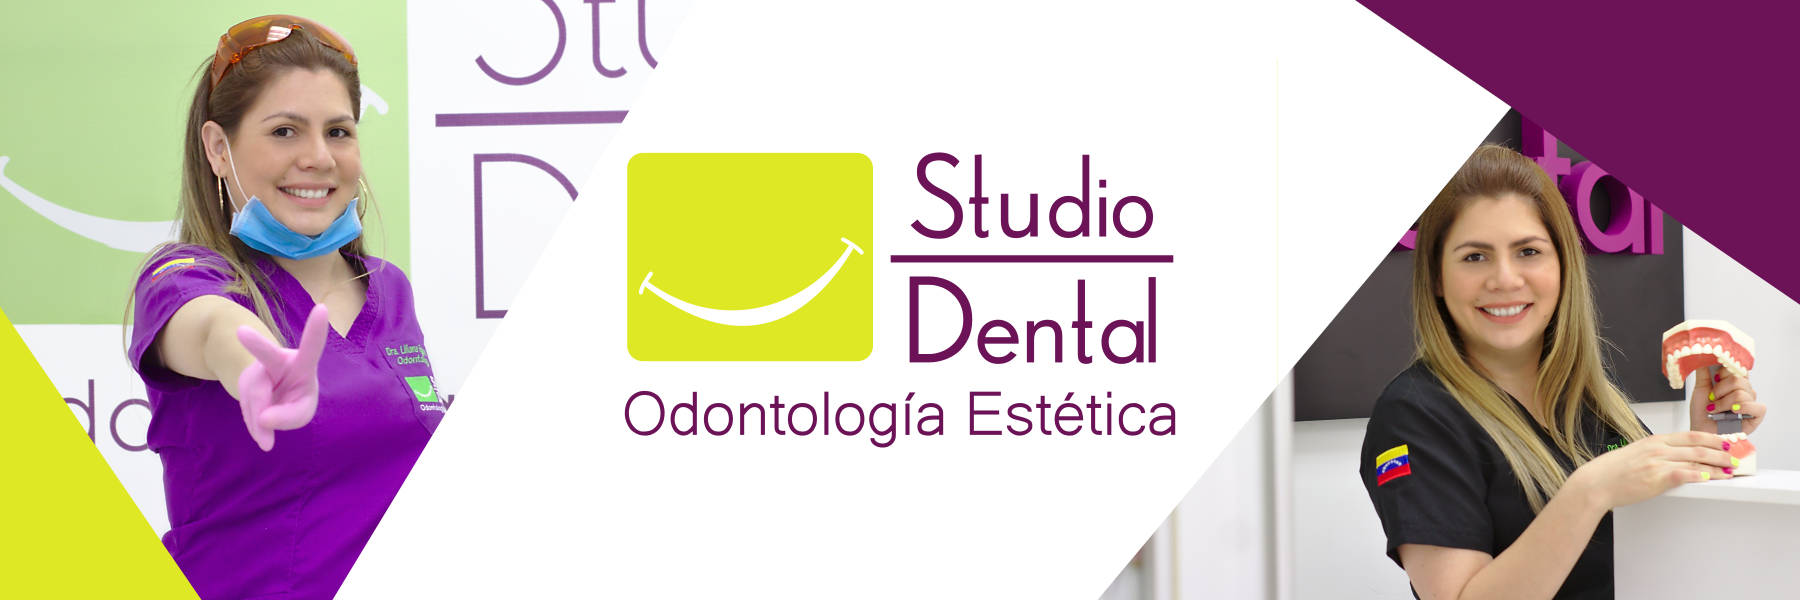 Studio-Dental-header